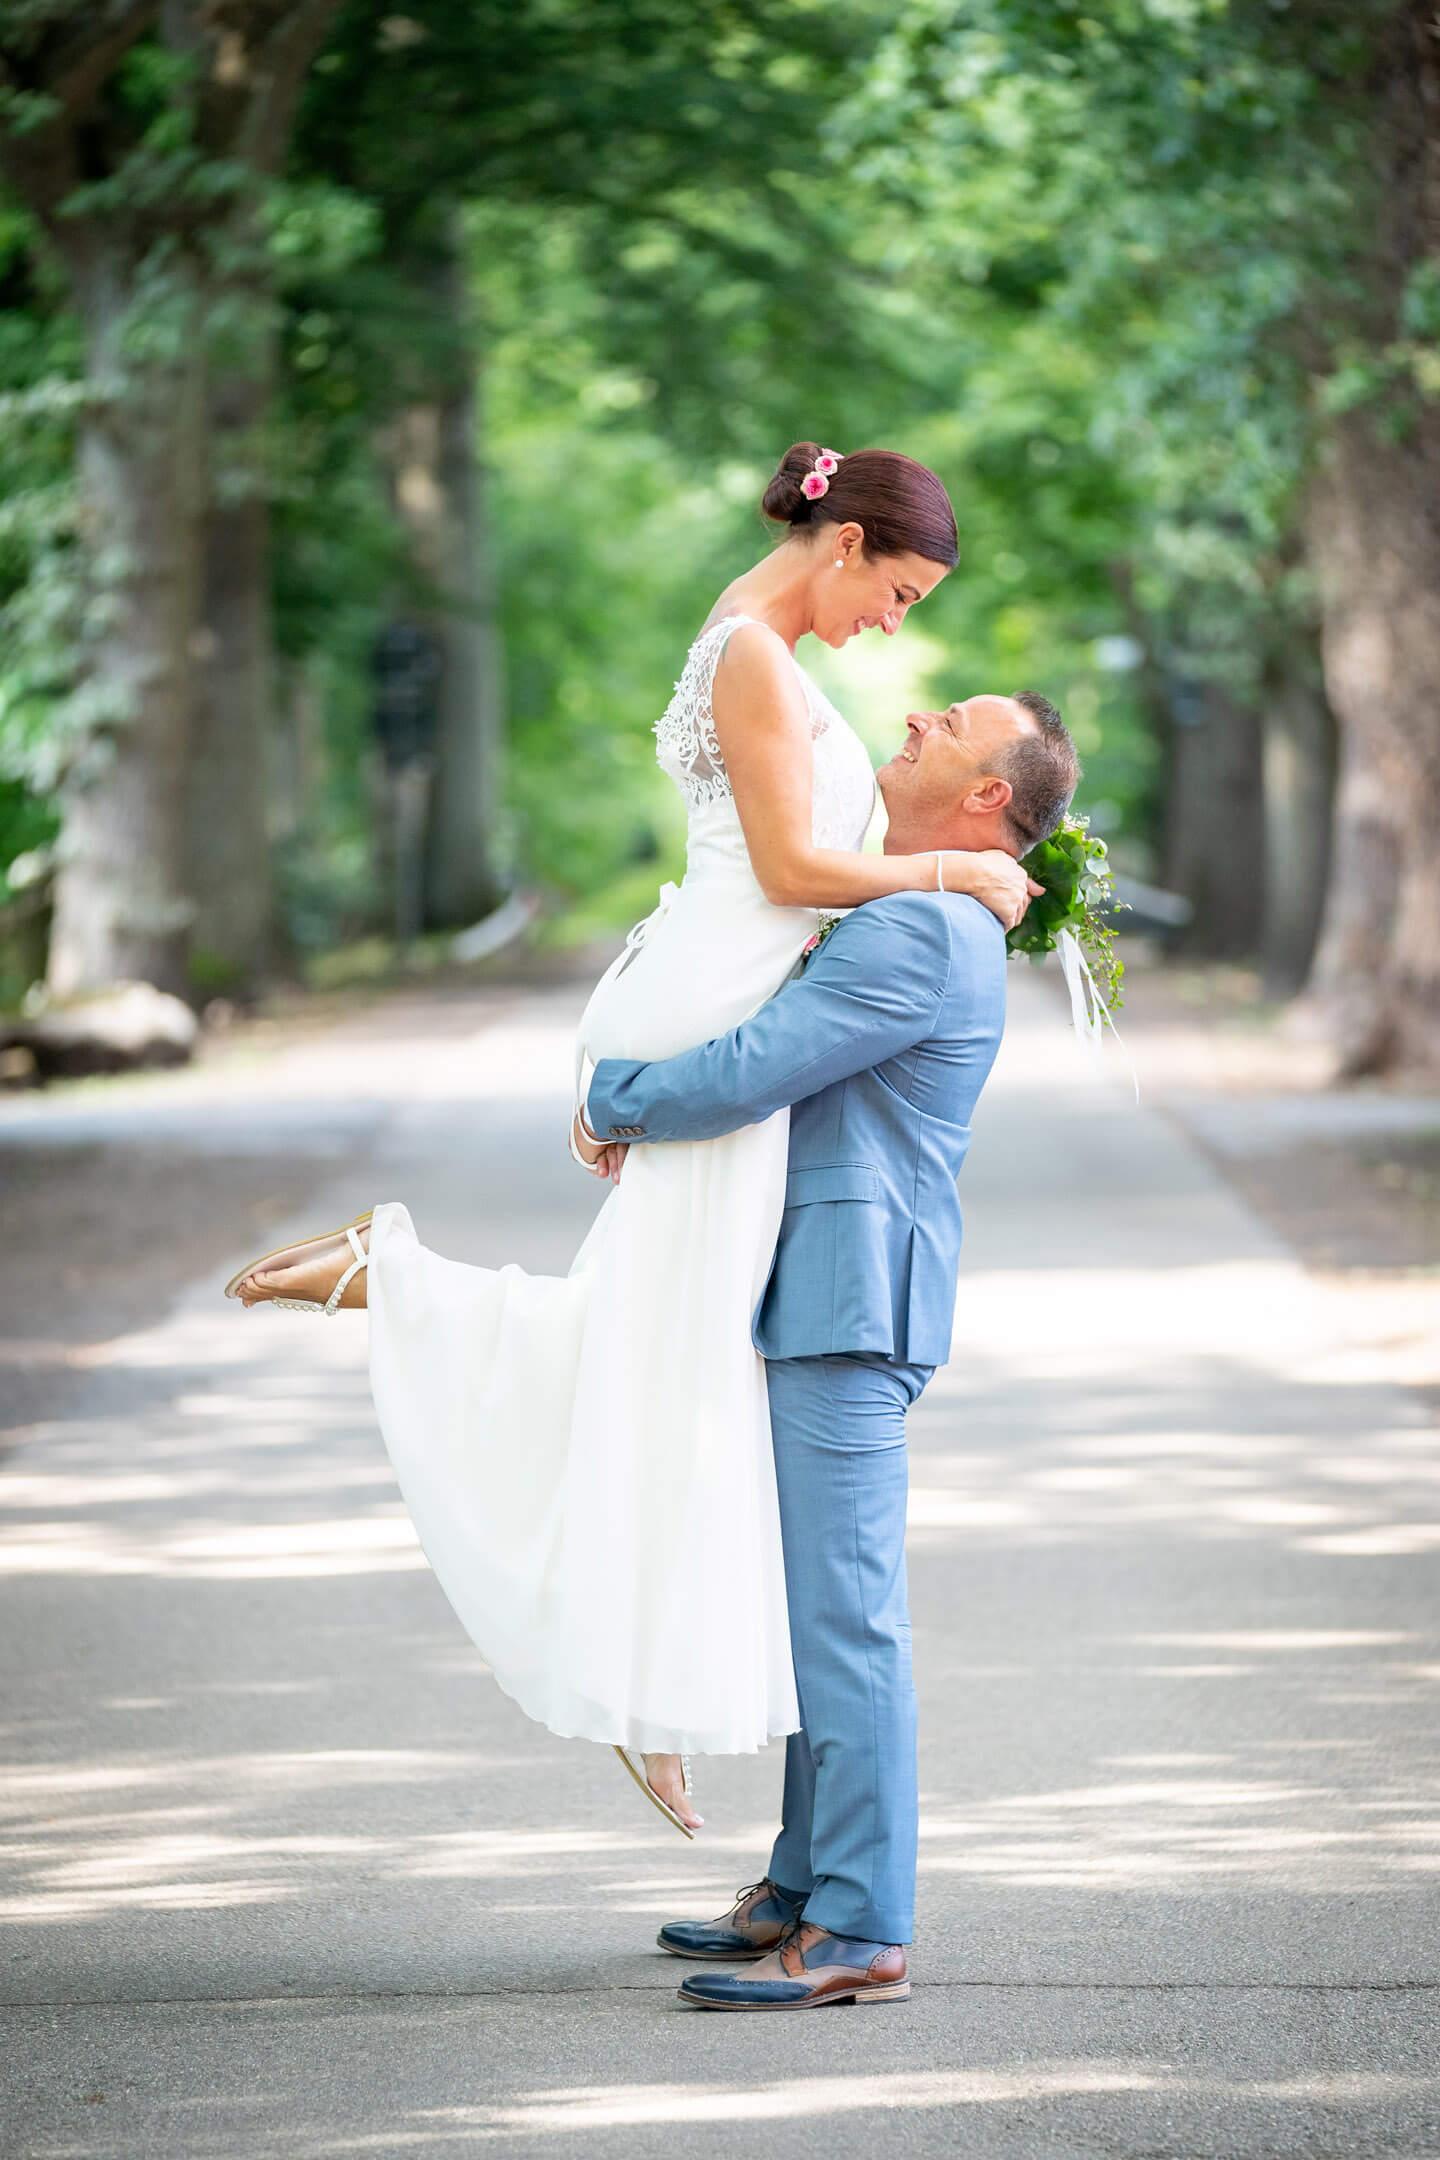 Brautpaarshooting in einer Allee mit dem Hochzeitsfotografen Florian Läufer